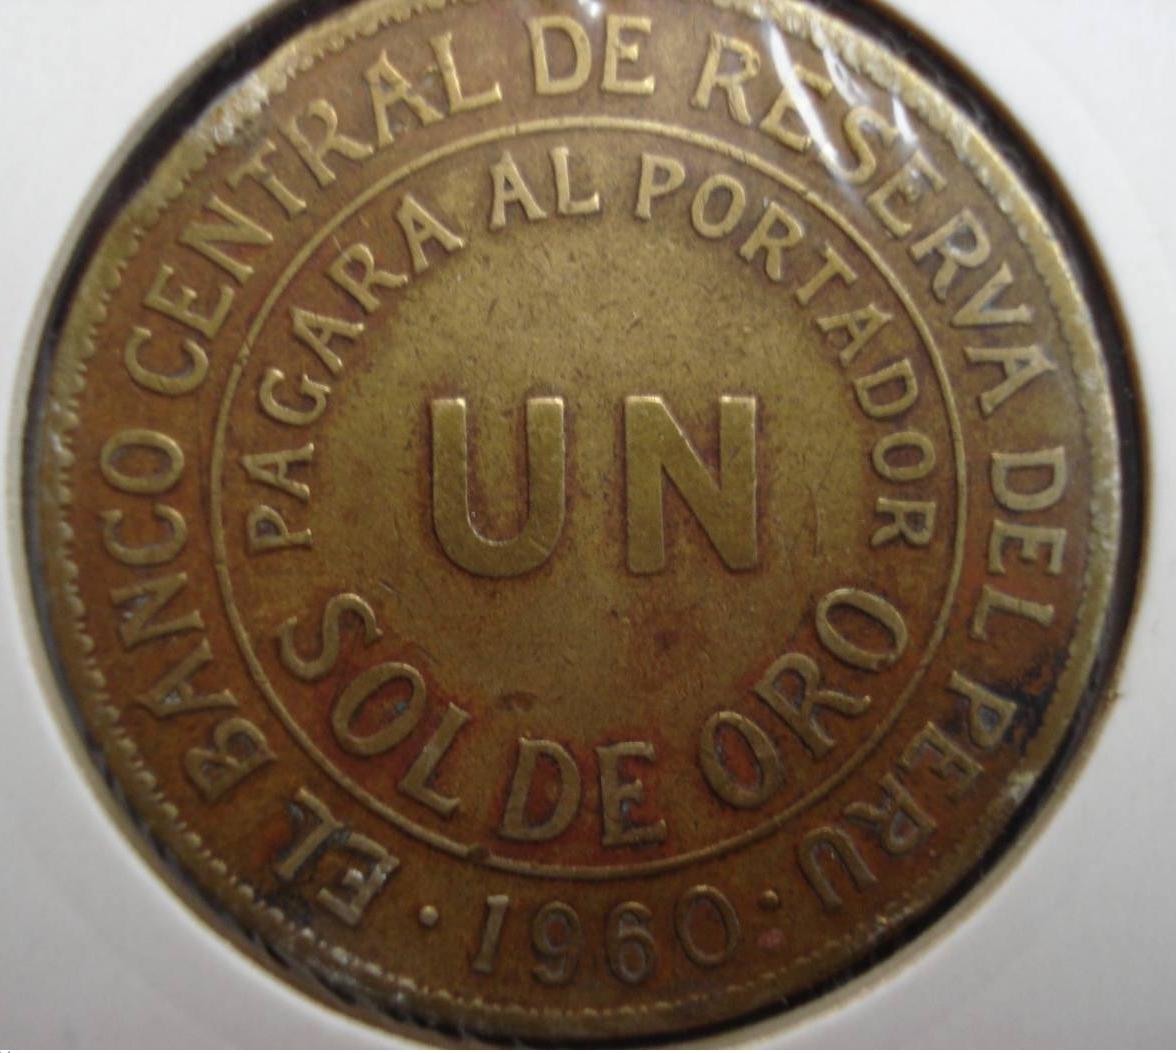 1 Sol De Oro 1960 Republica 1941 1960 Peru Monedă